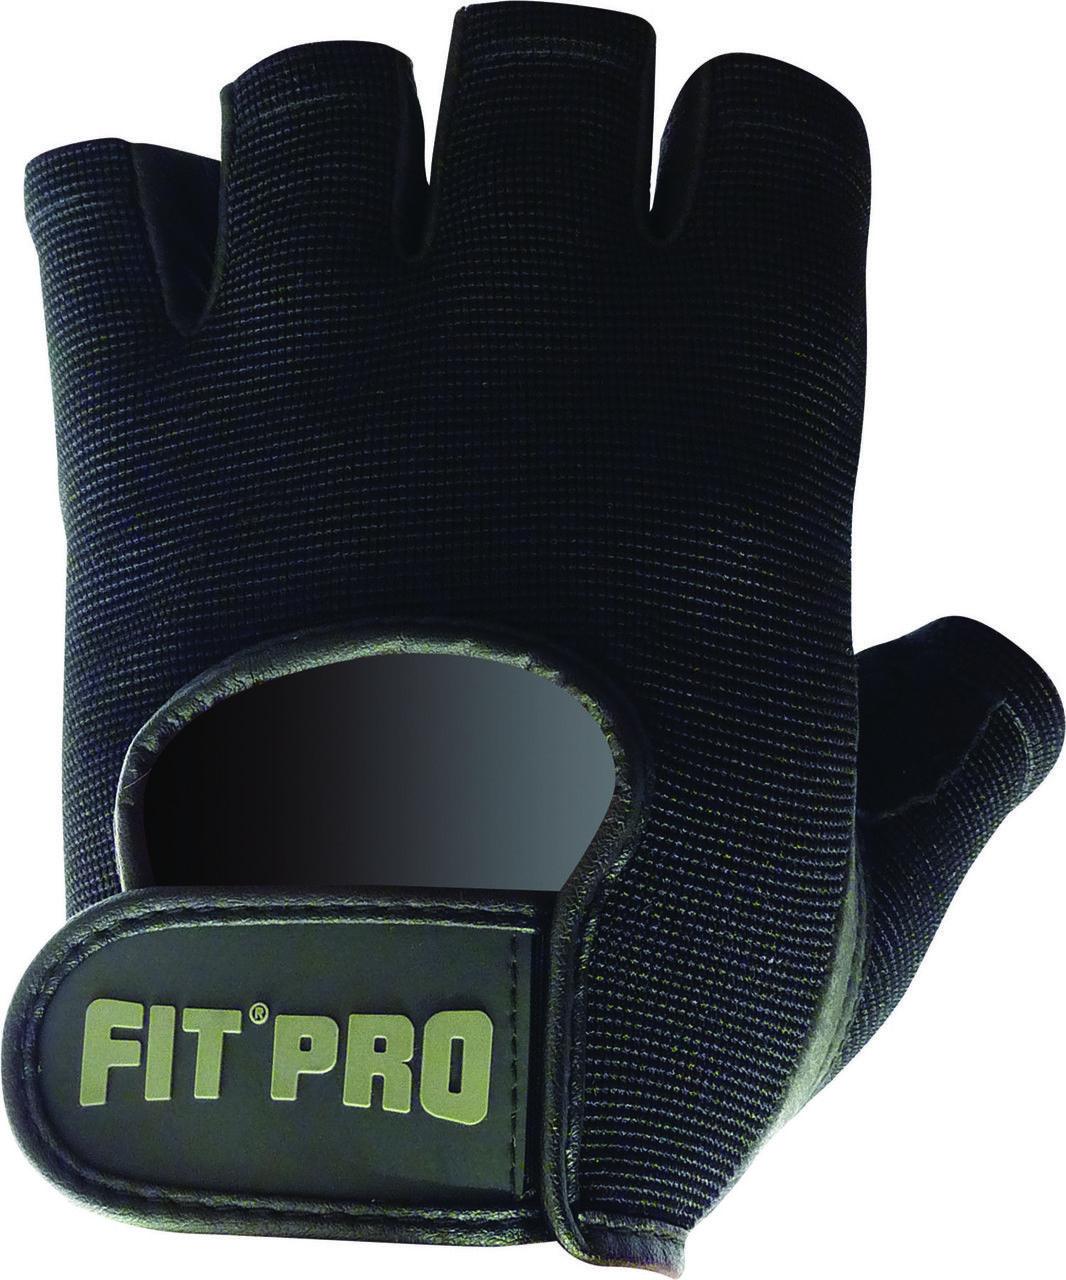 Перчатки для кроссфита Power System FP-07 B1 Pro L фото видео изображение